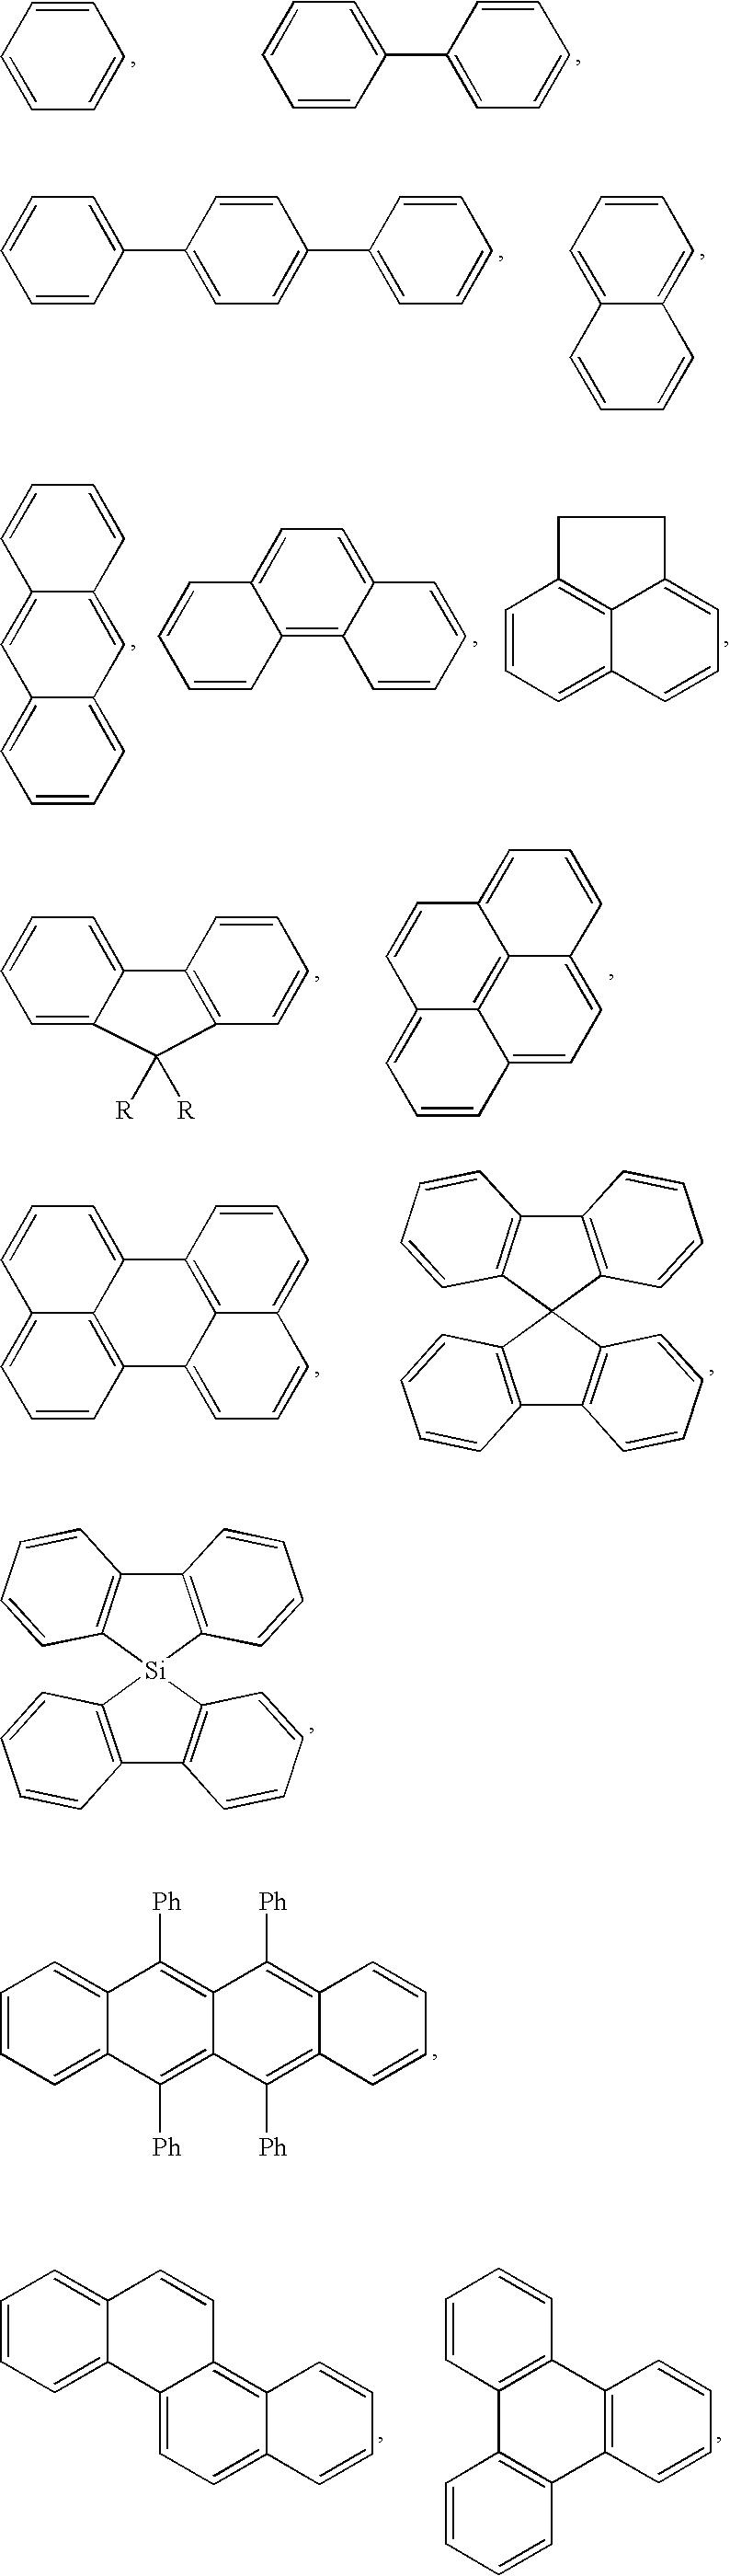 Figure US20070107835A1-20070517-C00029